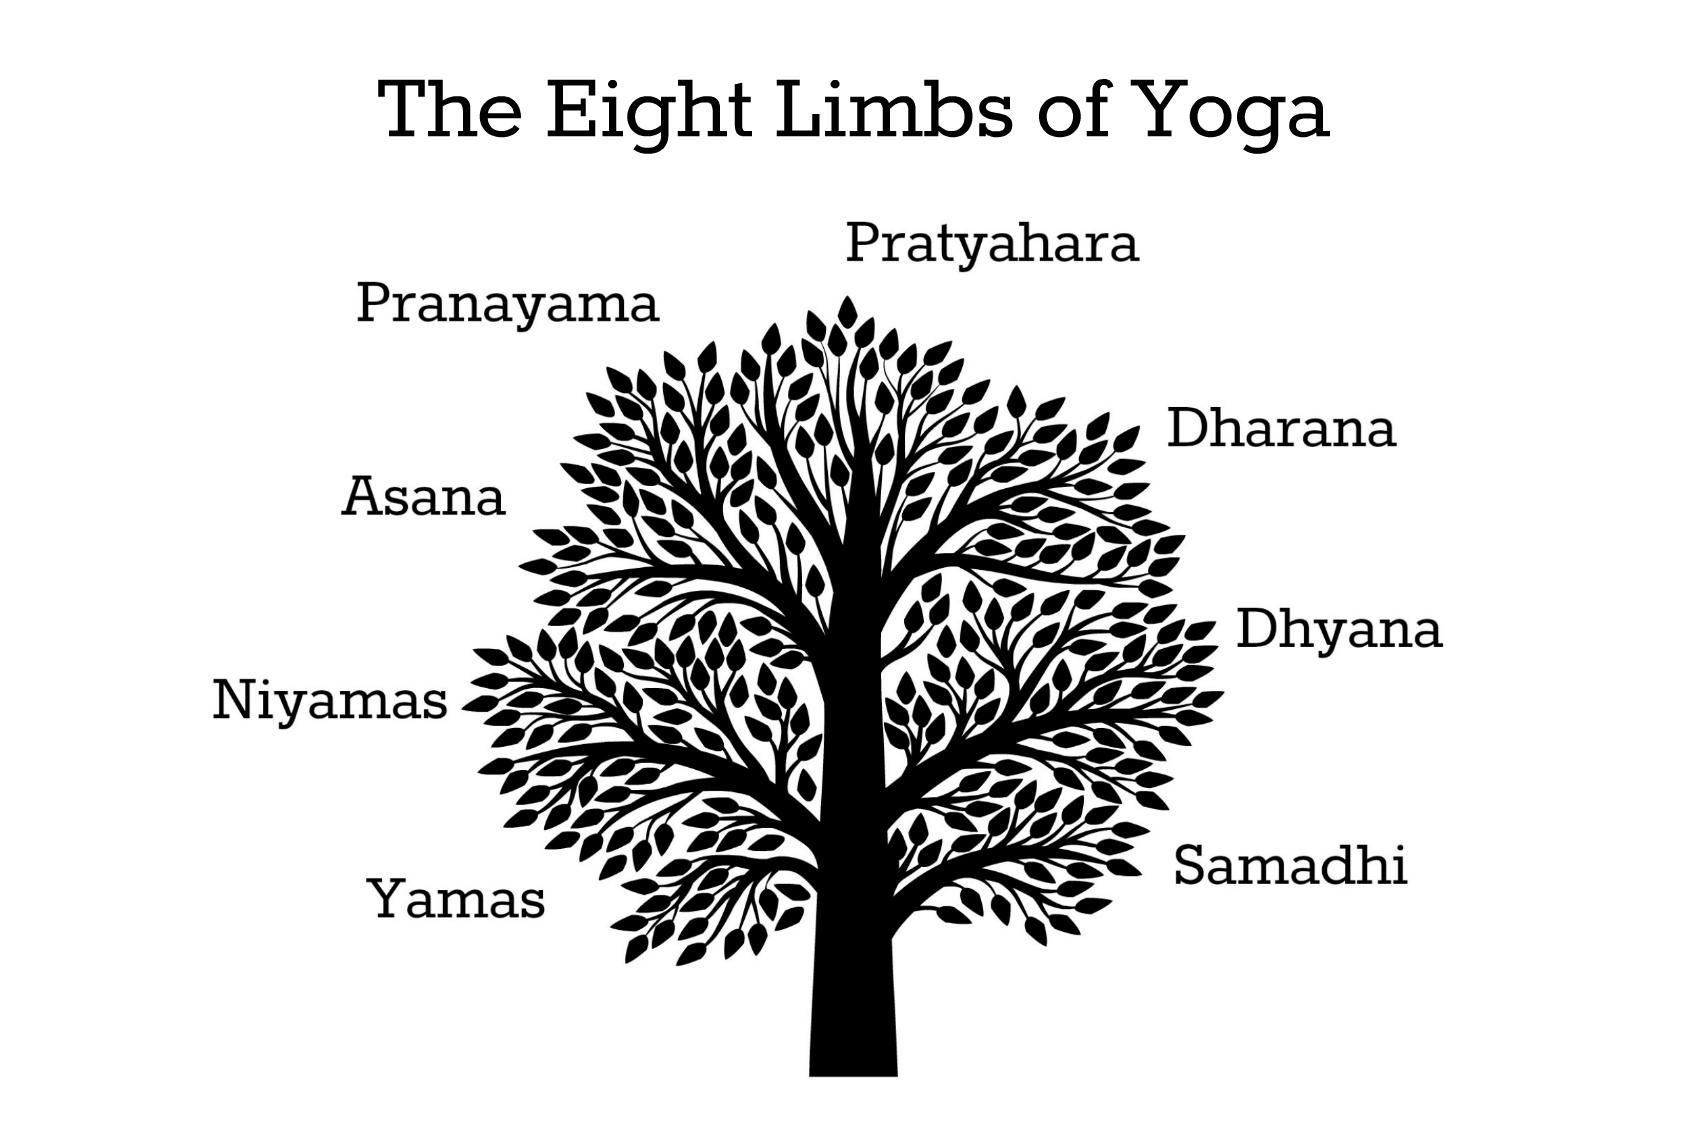 The eight limbs of yoga: Yamas and niyamas